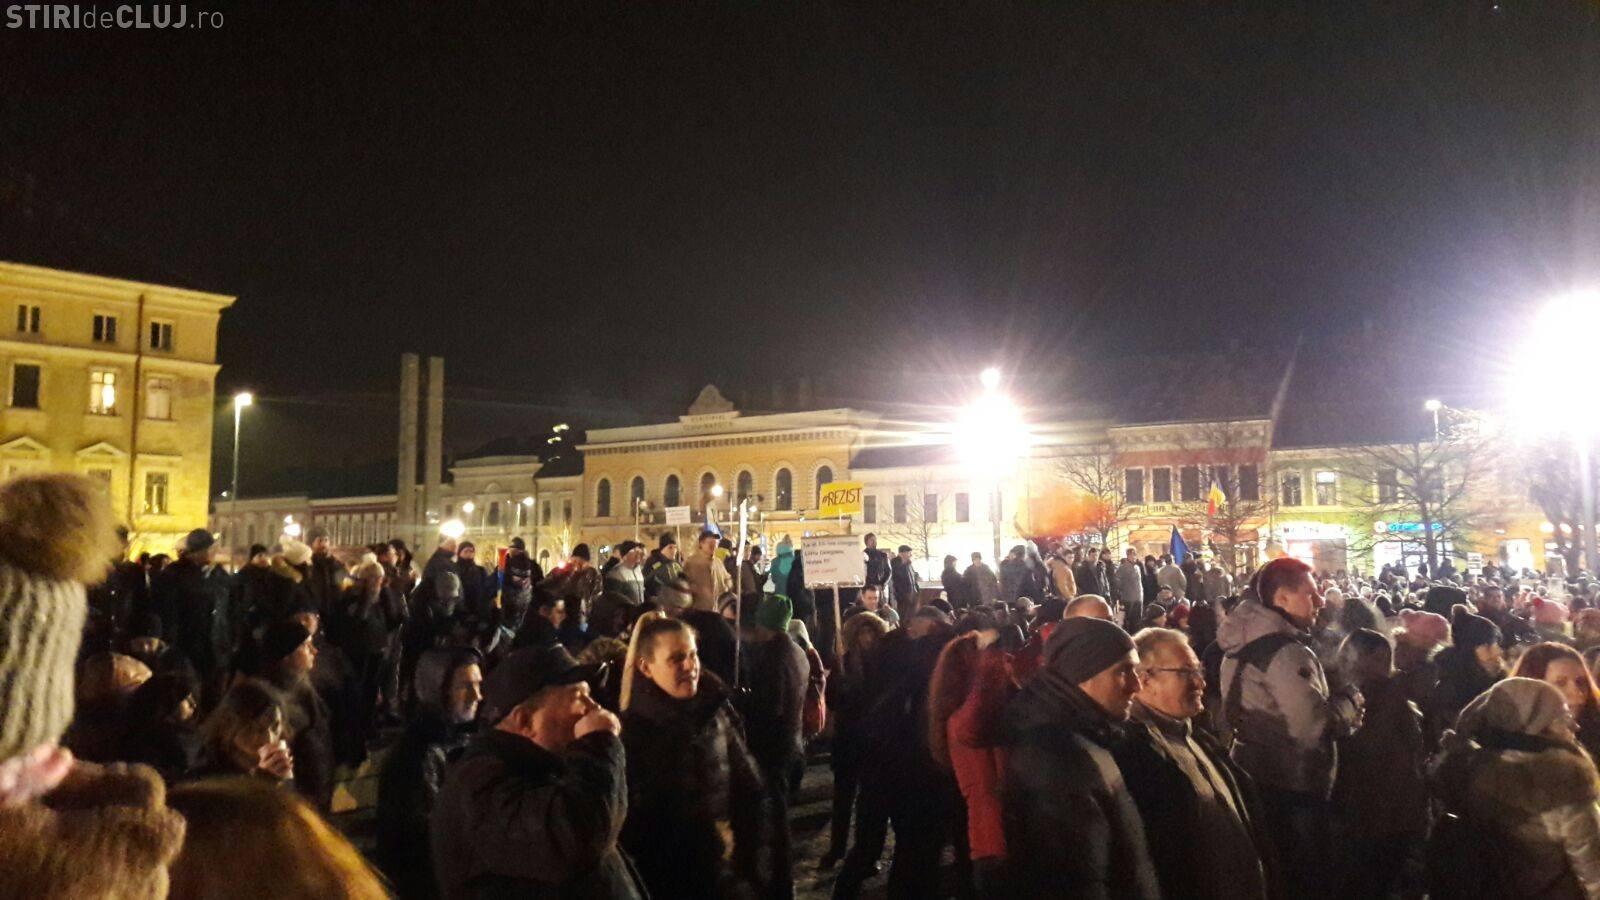 """Clujul protestează! UPDATE: Peste 15.000 de oameni sunt în stradă: """"#rezist"""" - VIDEO"""